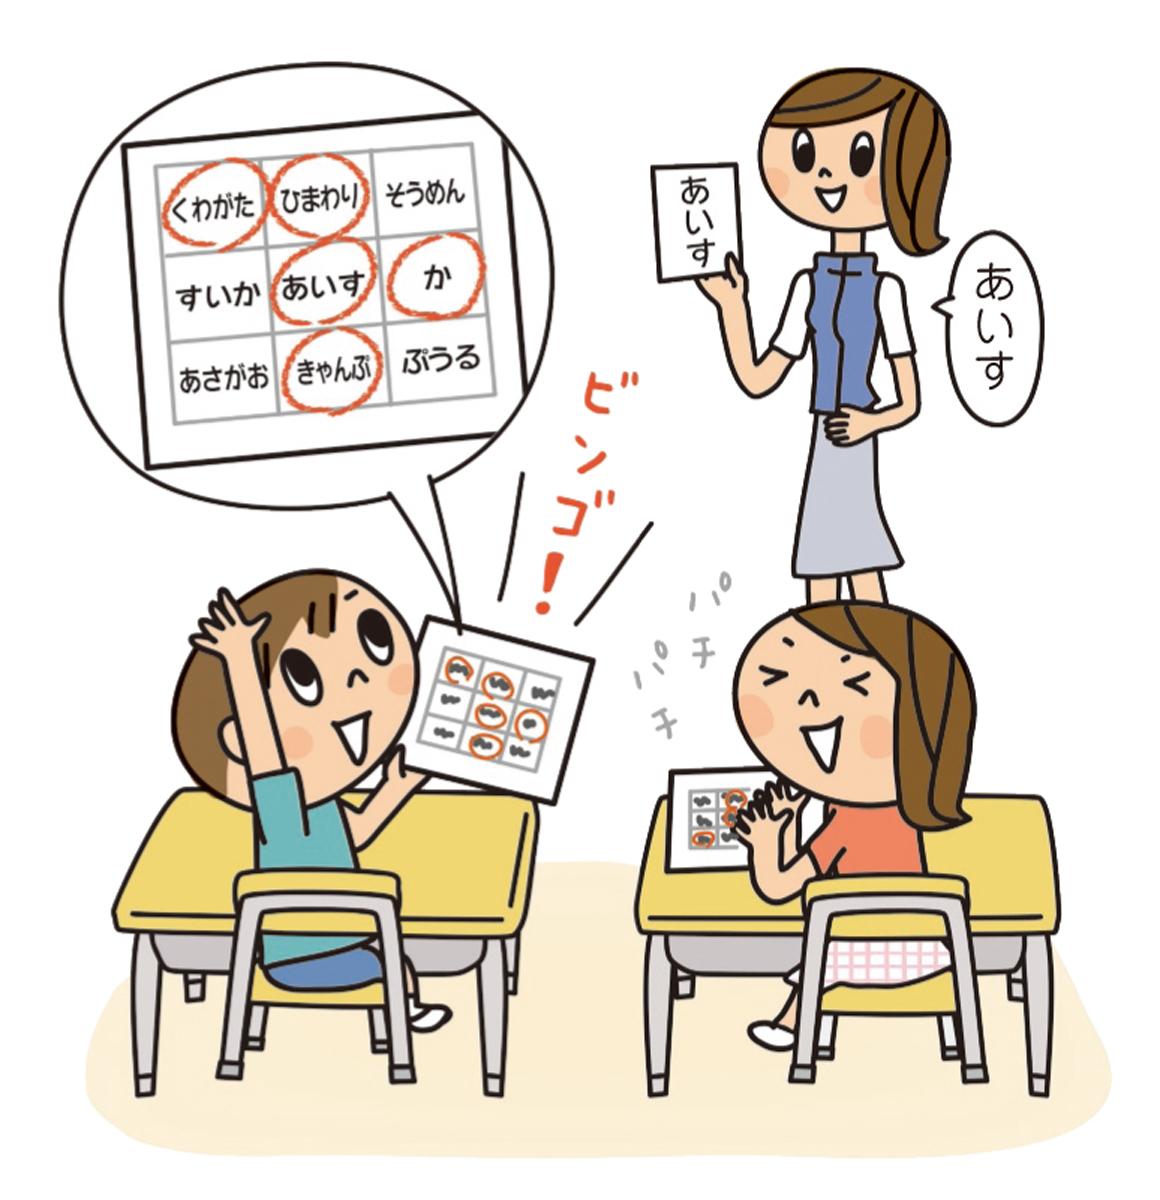 「学習意欲に火をつける授業アイディア」メイン